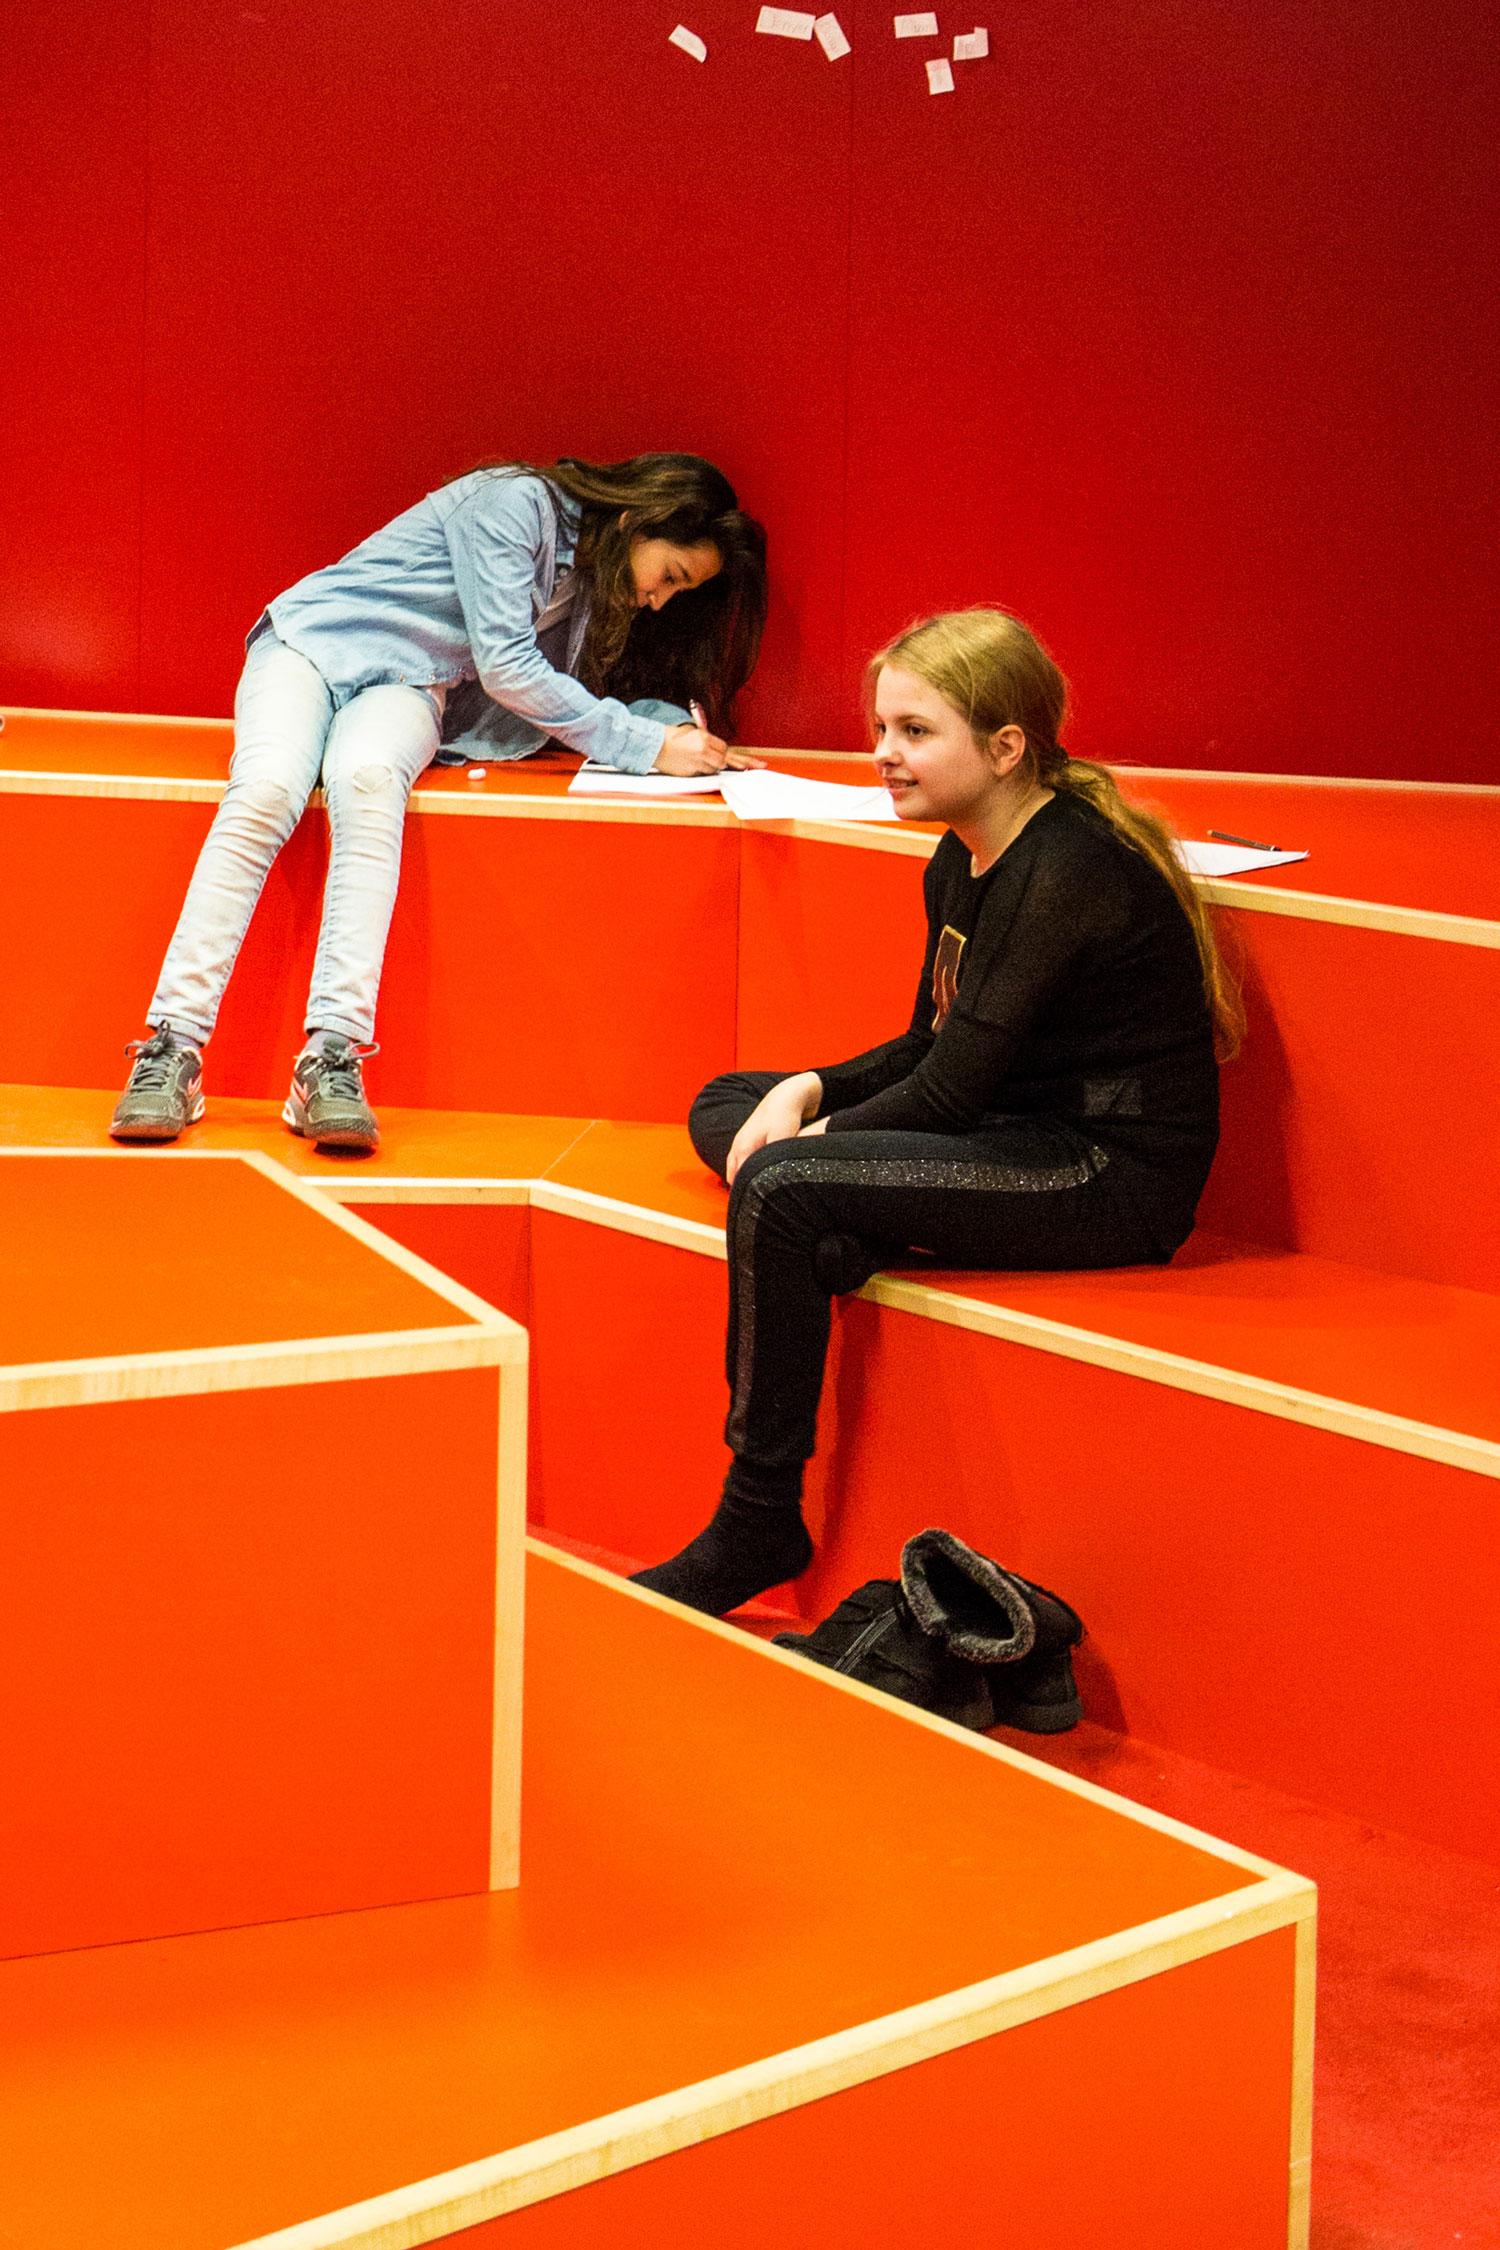 Engstrandskolen børn laver opgave Rune Fjord Studio